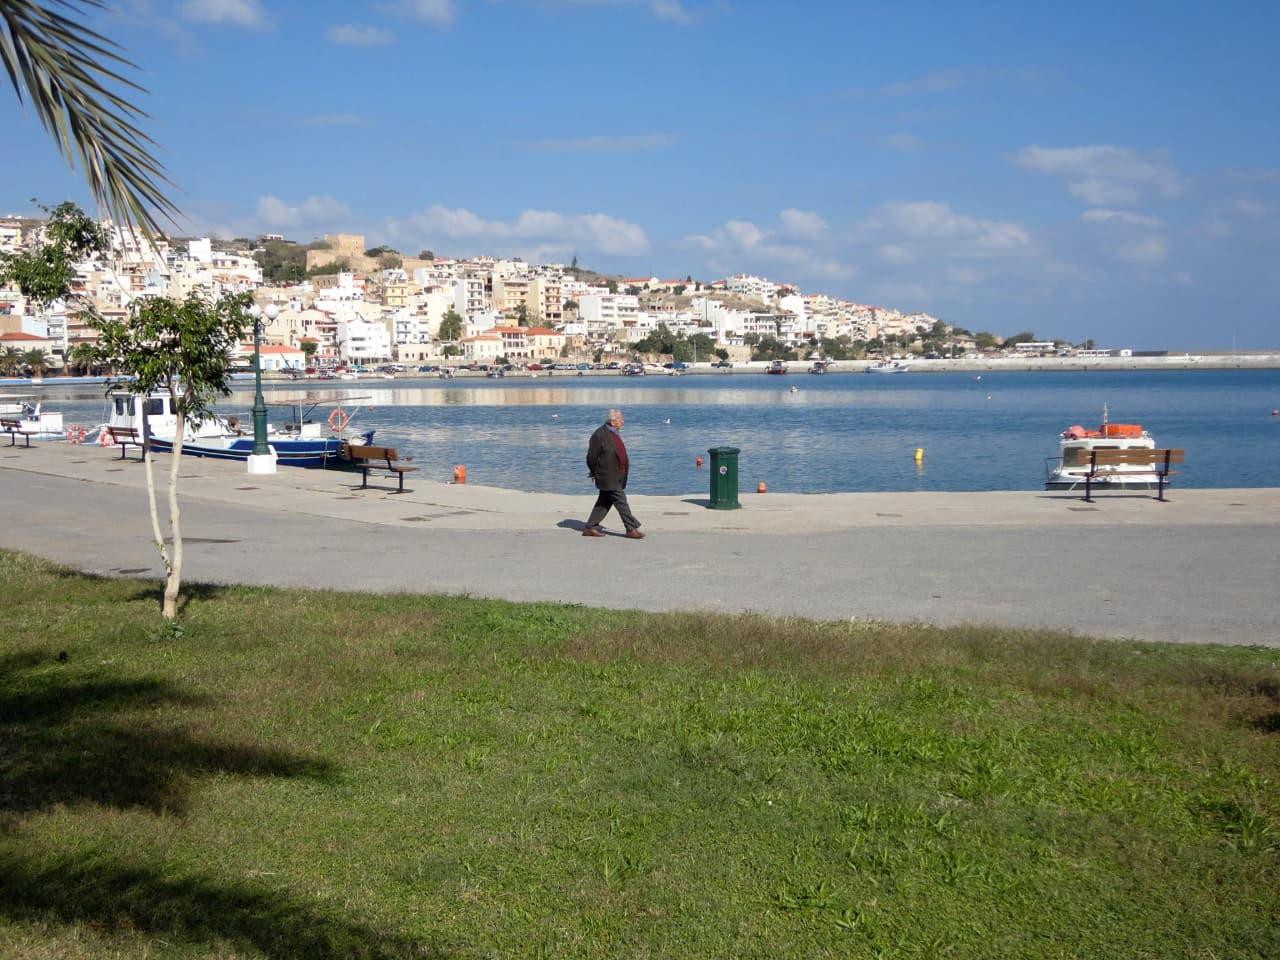 Aegean Airlines Flights To Sitia Crete